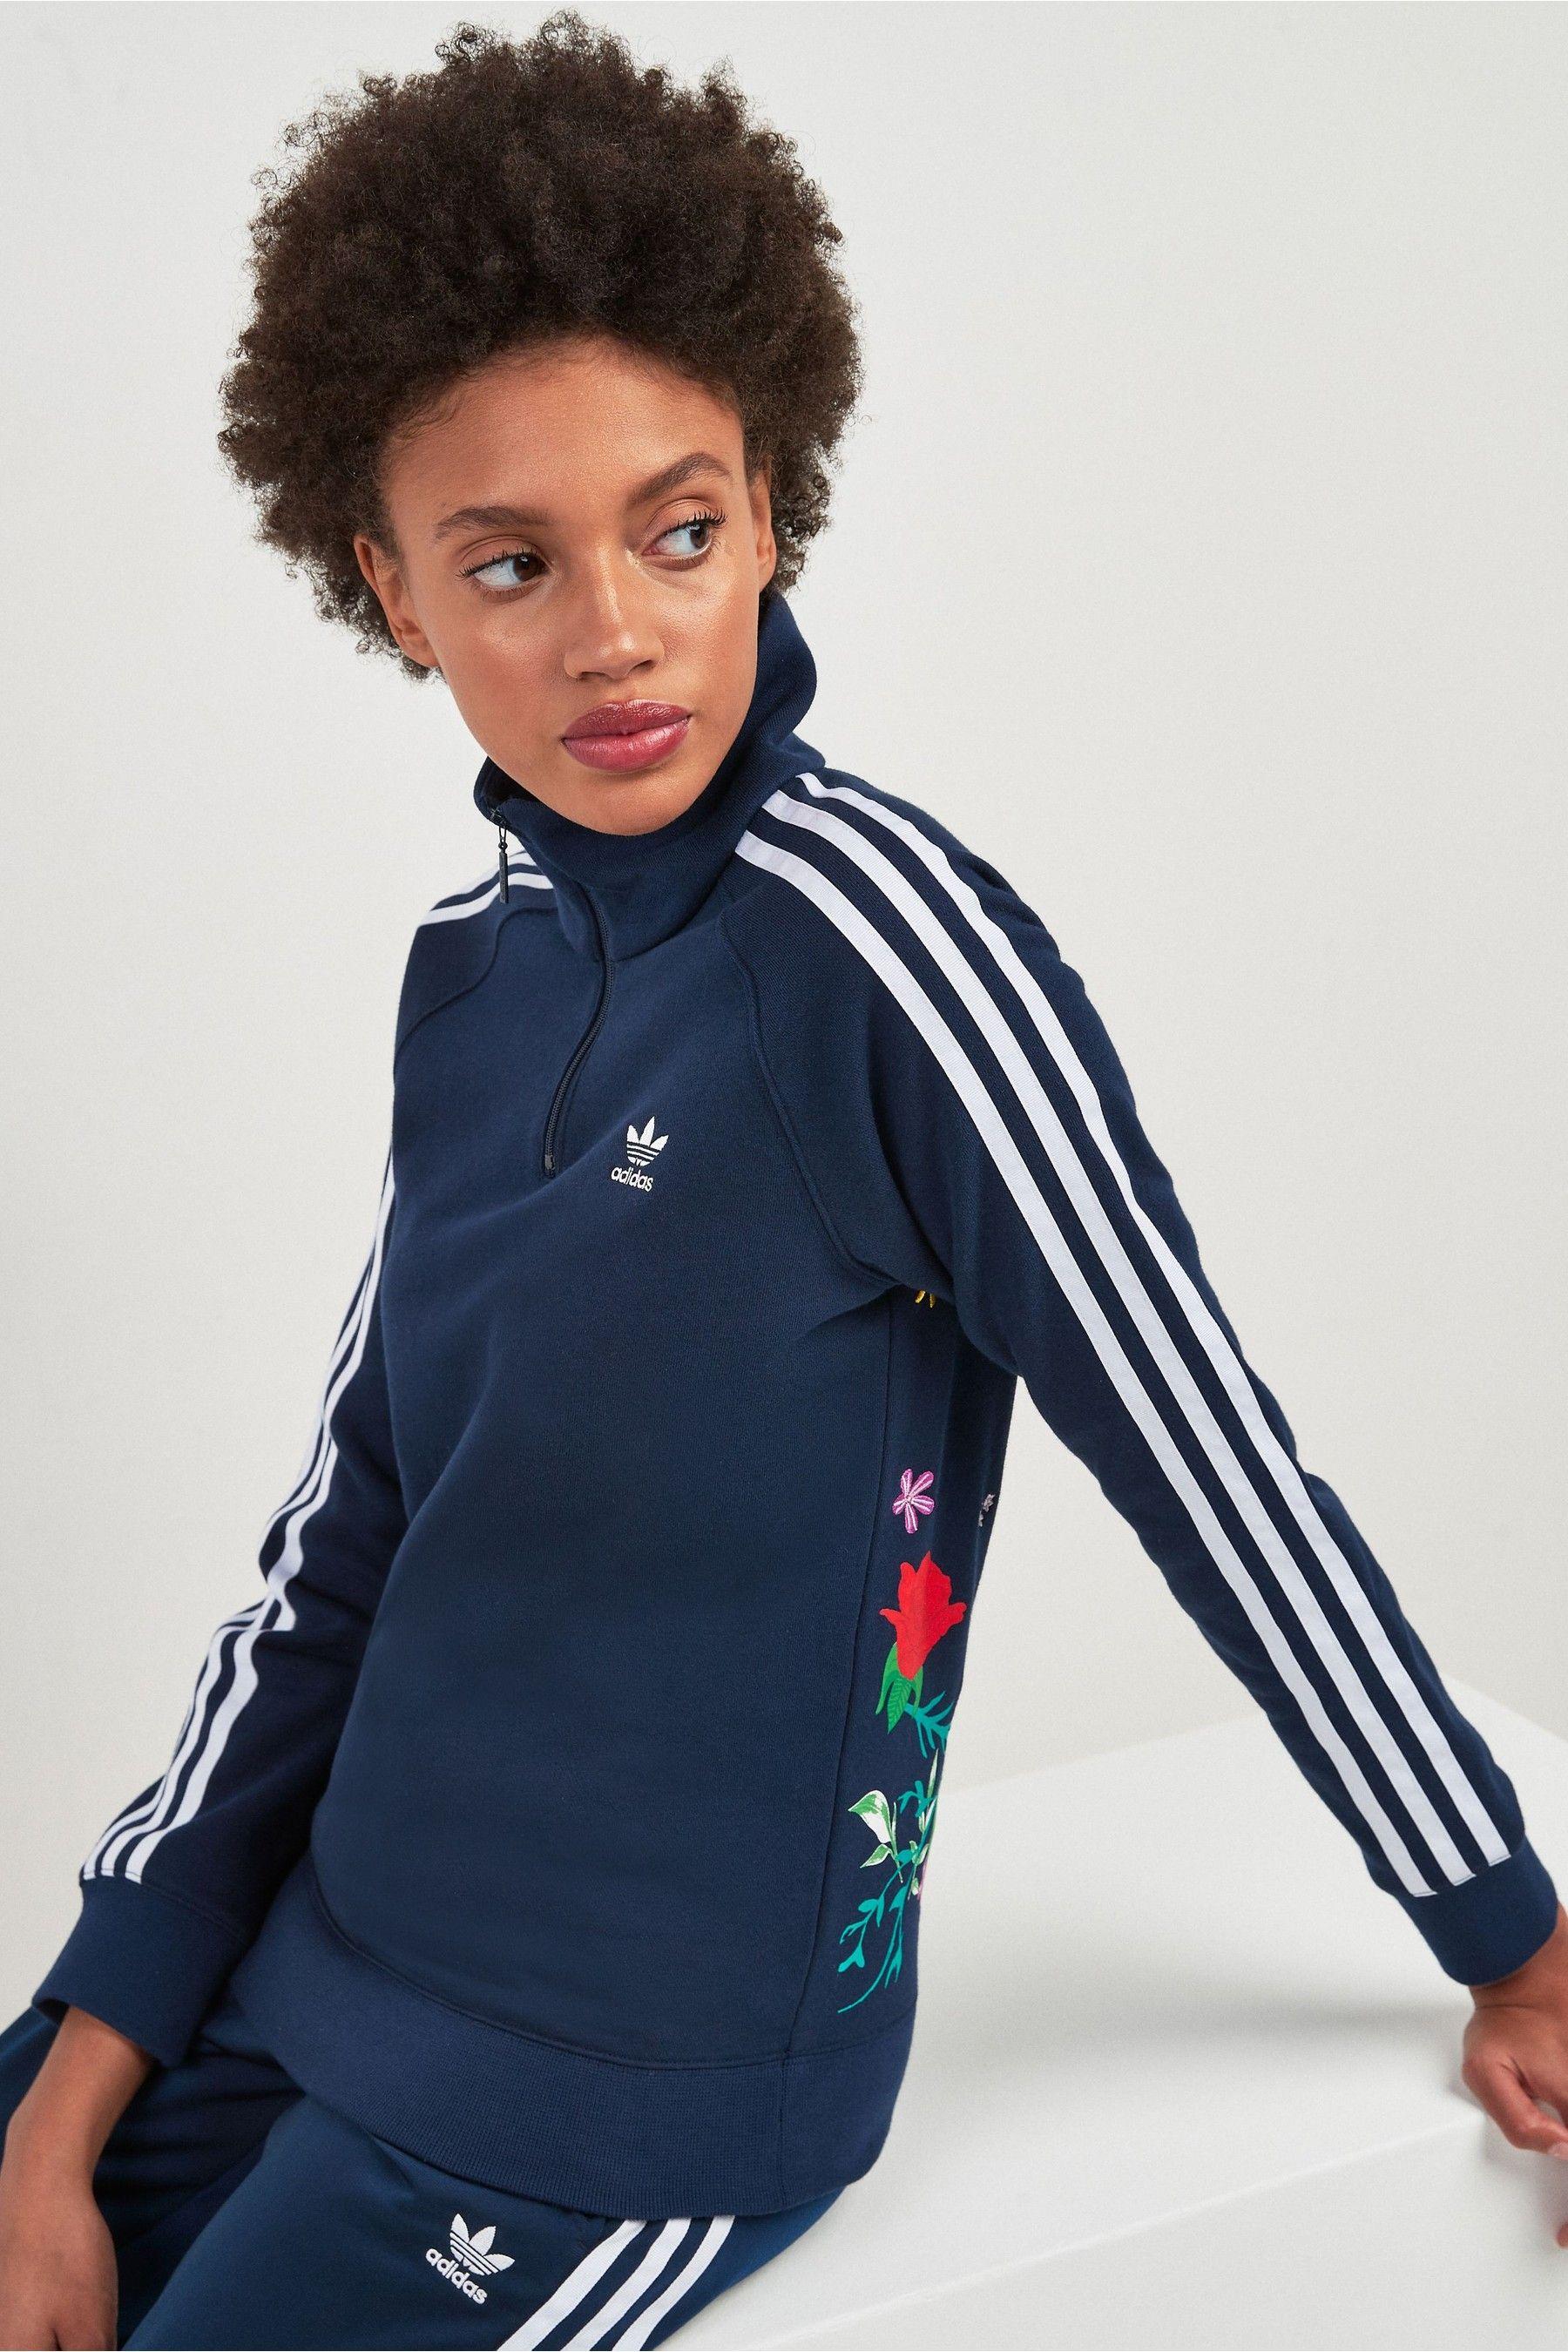 Adidas Longsleeve Damen. Elegant Adidas Longsleeve Damen